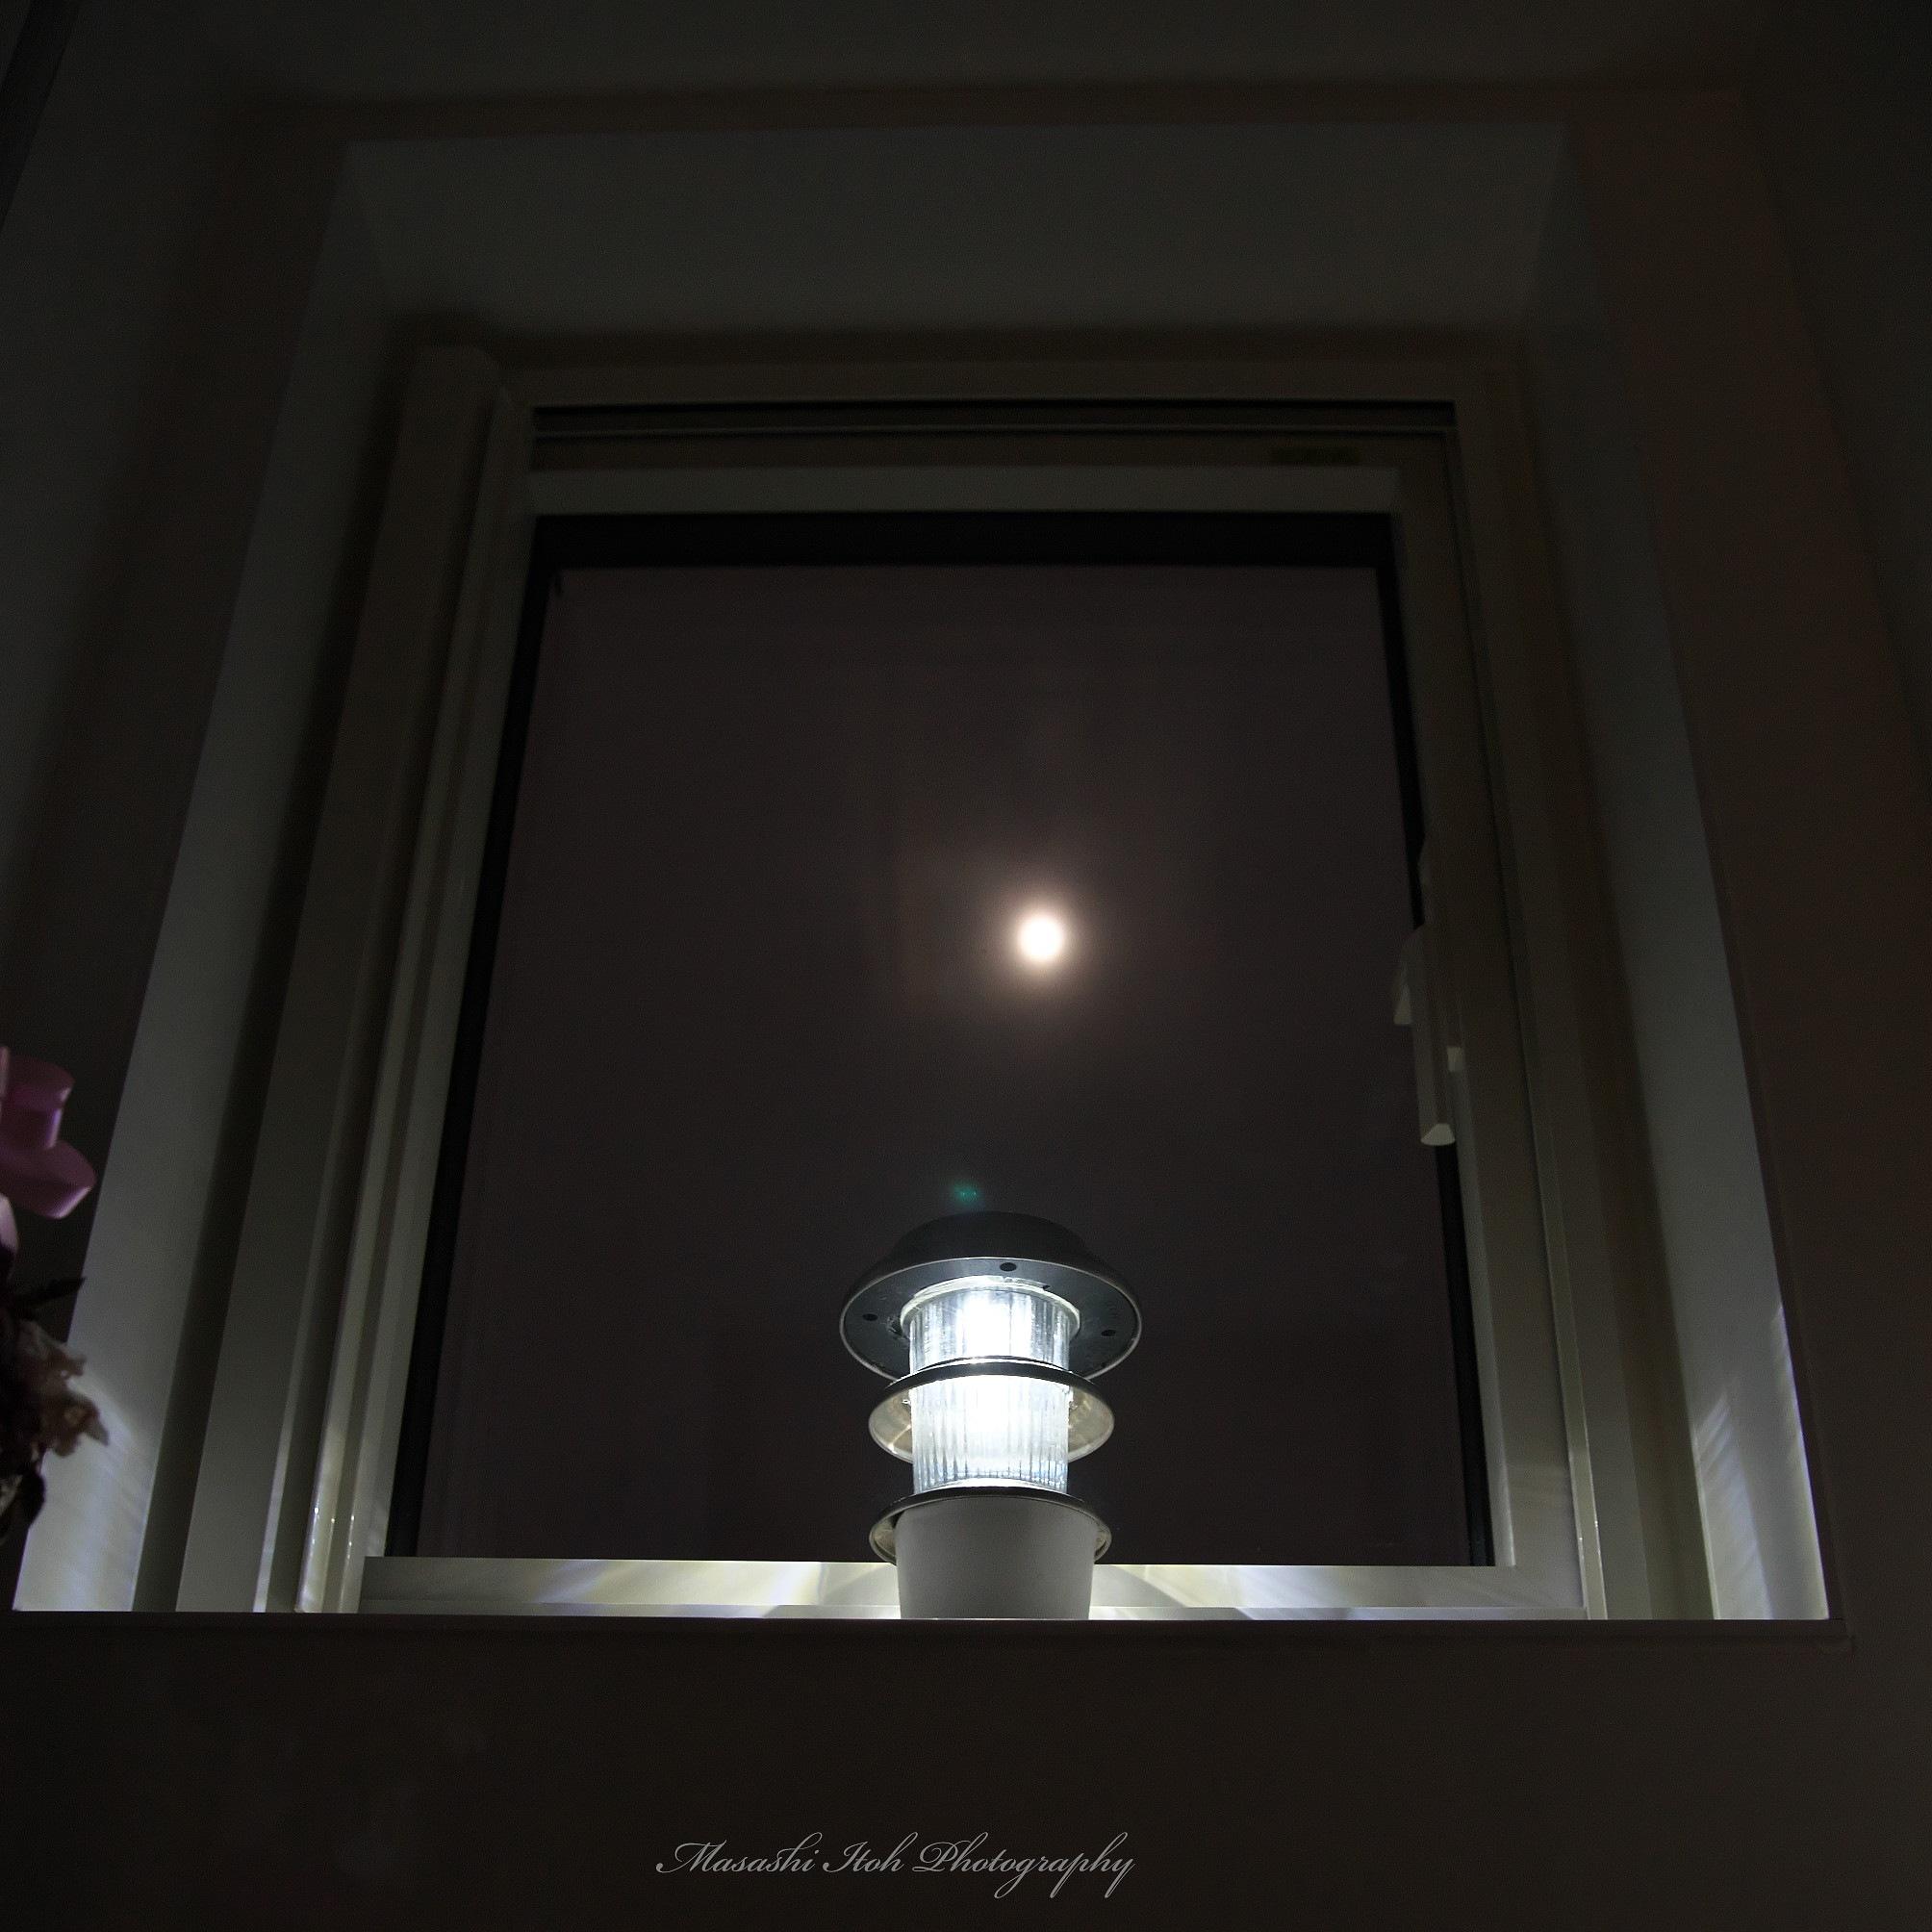 Lights by Masashi Itoh